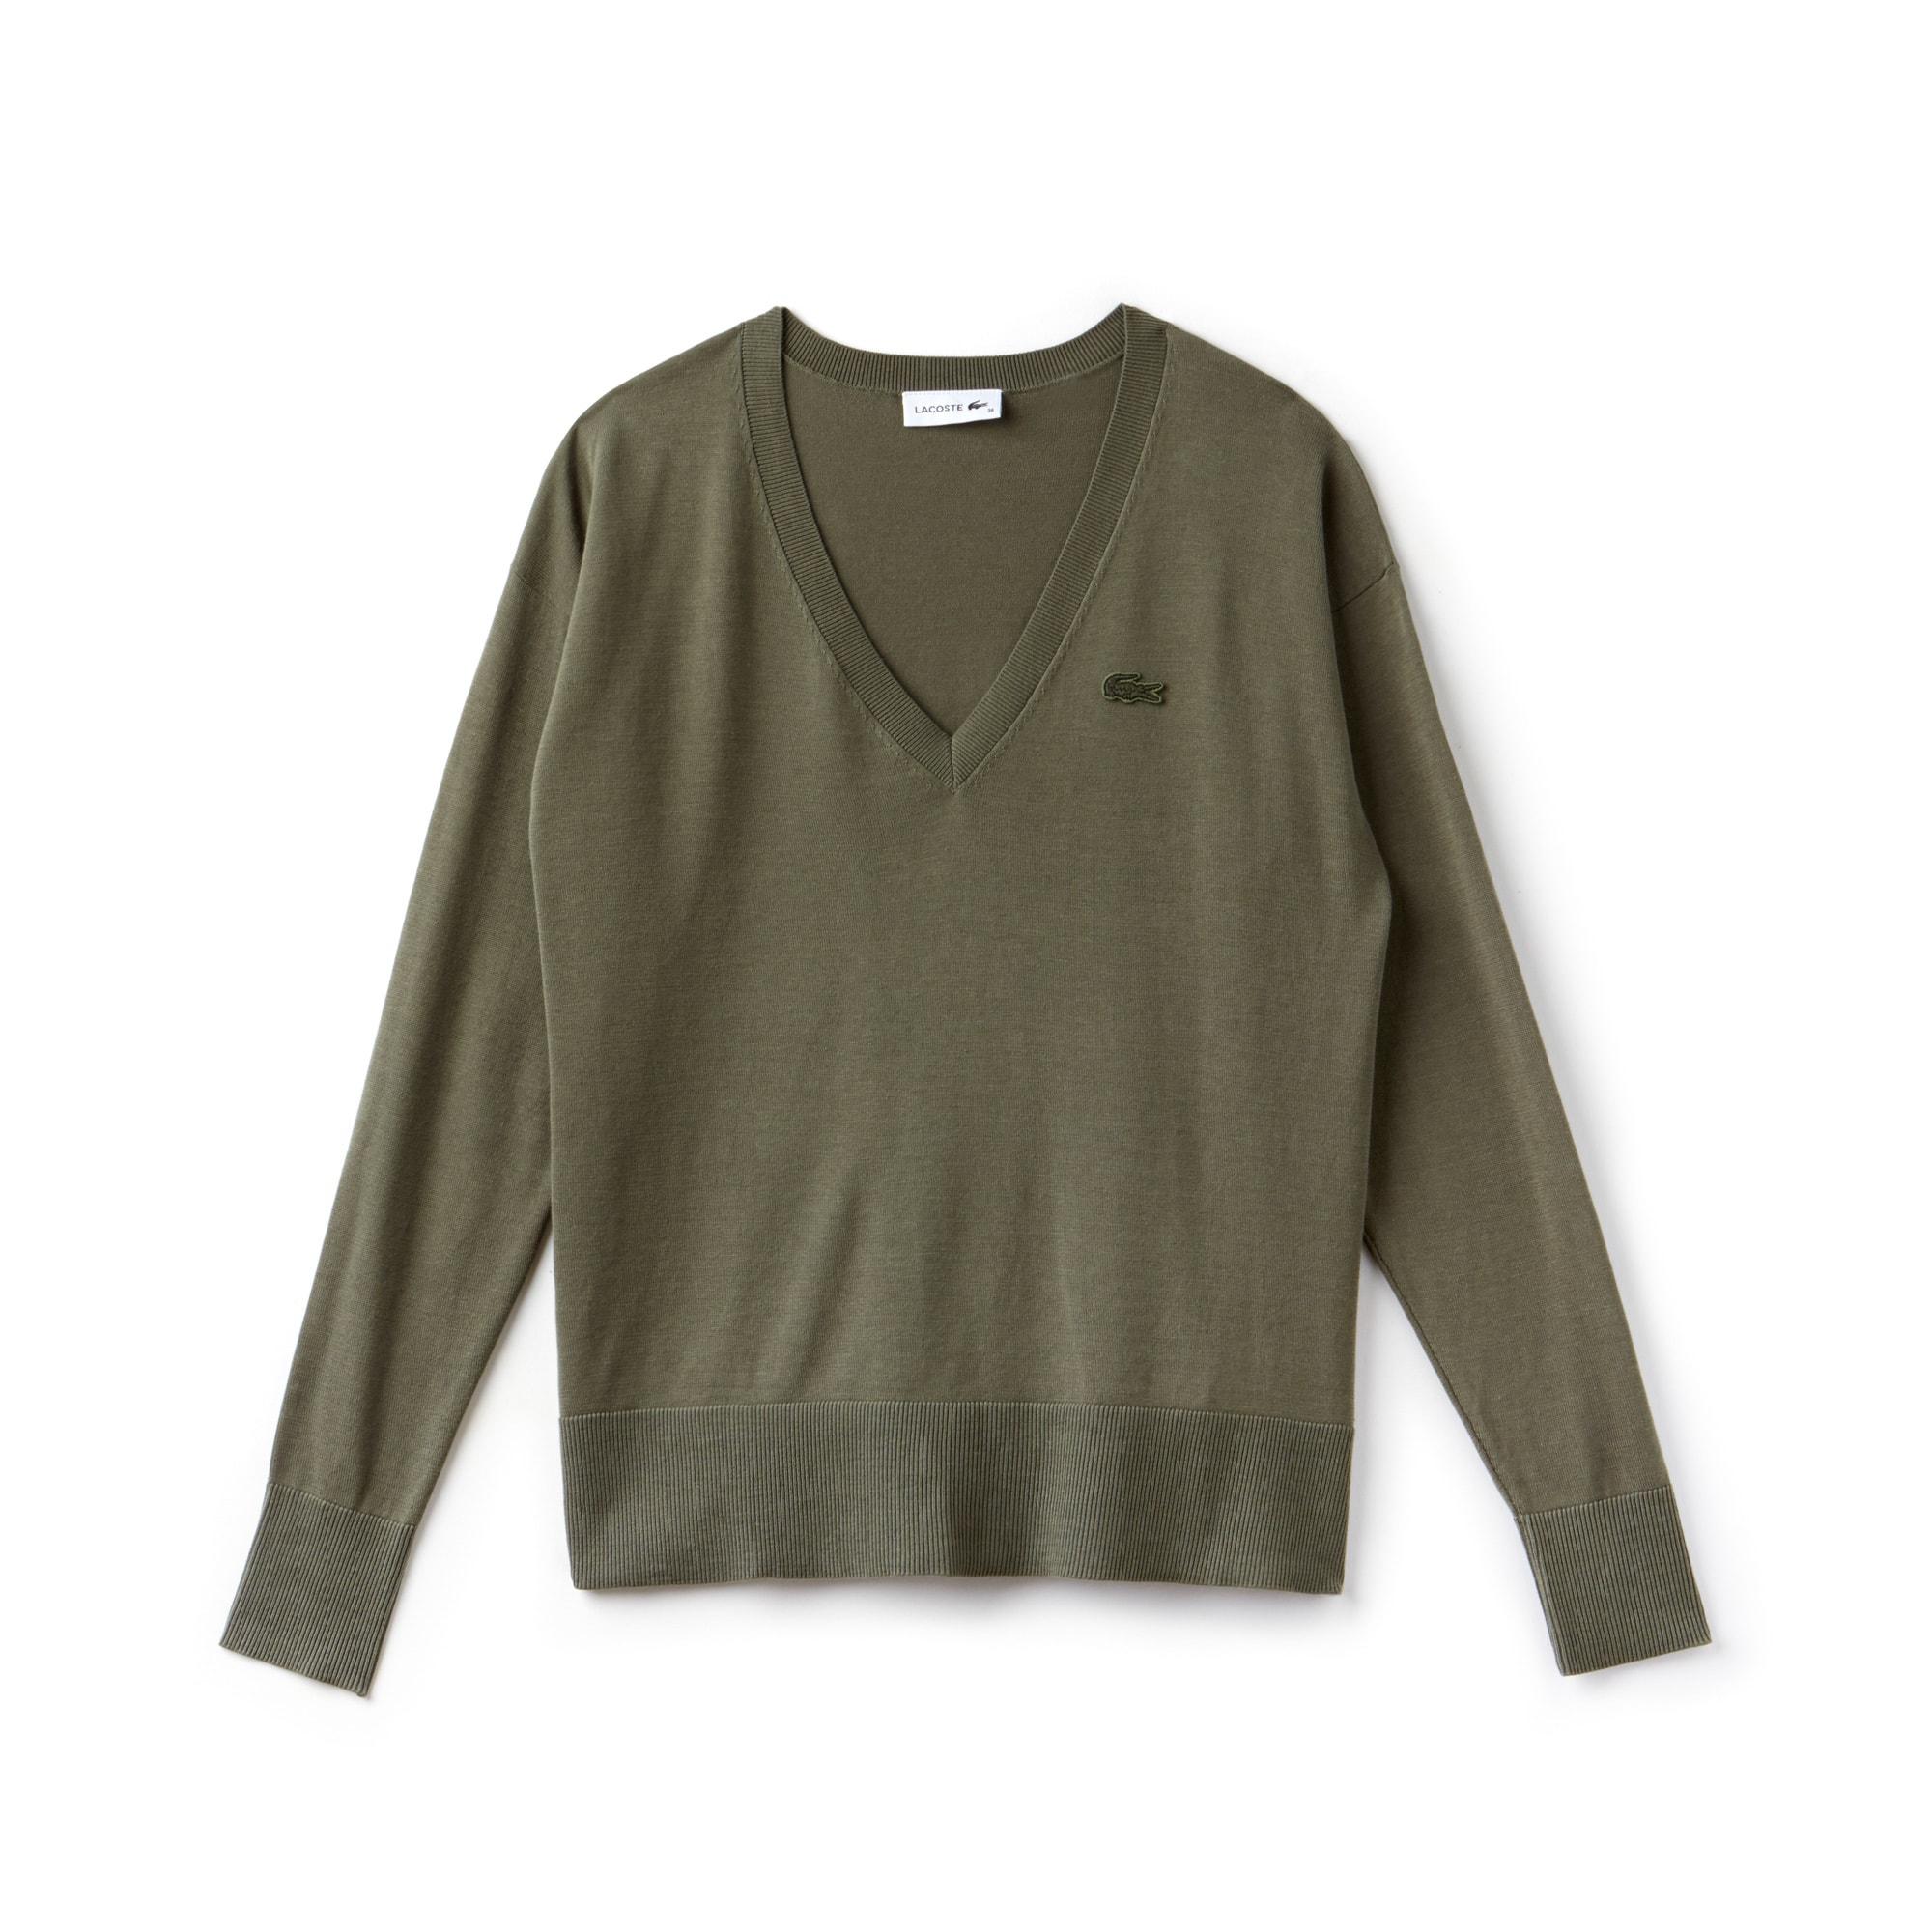 Camisola de decote em V em jersey de algodão unicolor